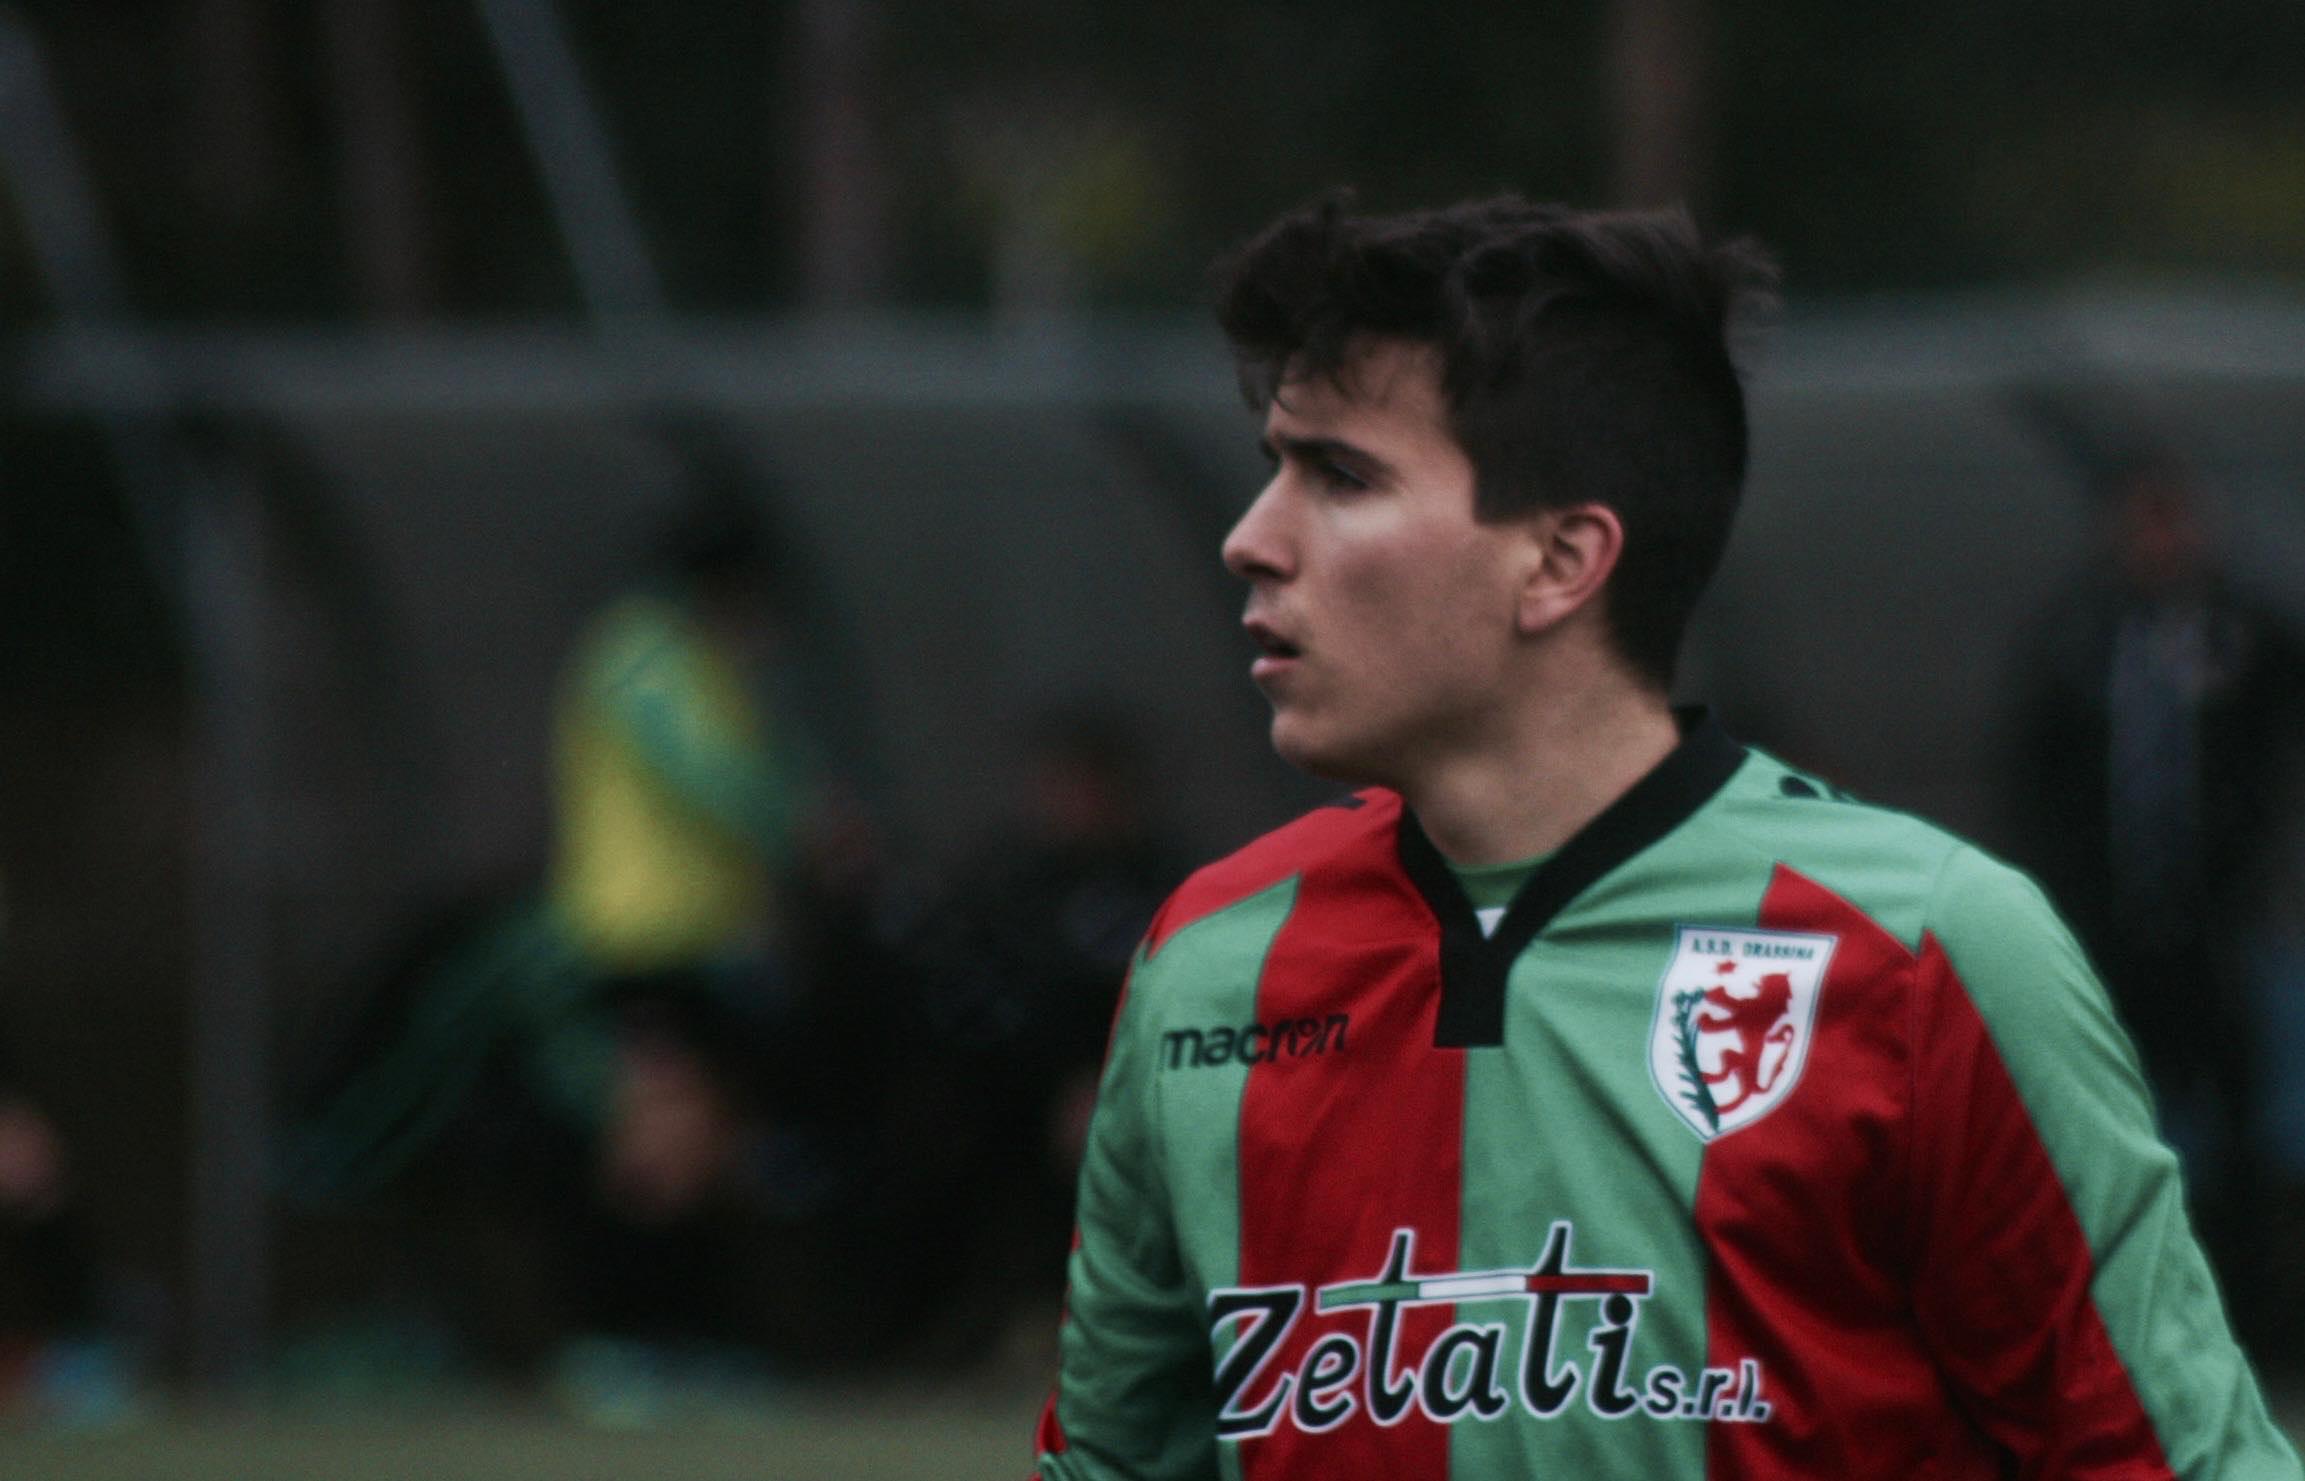 Calciomercato il centrocampista filippo maccari passa dal for Bagno a ripoli calcio